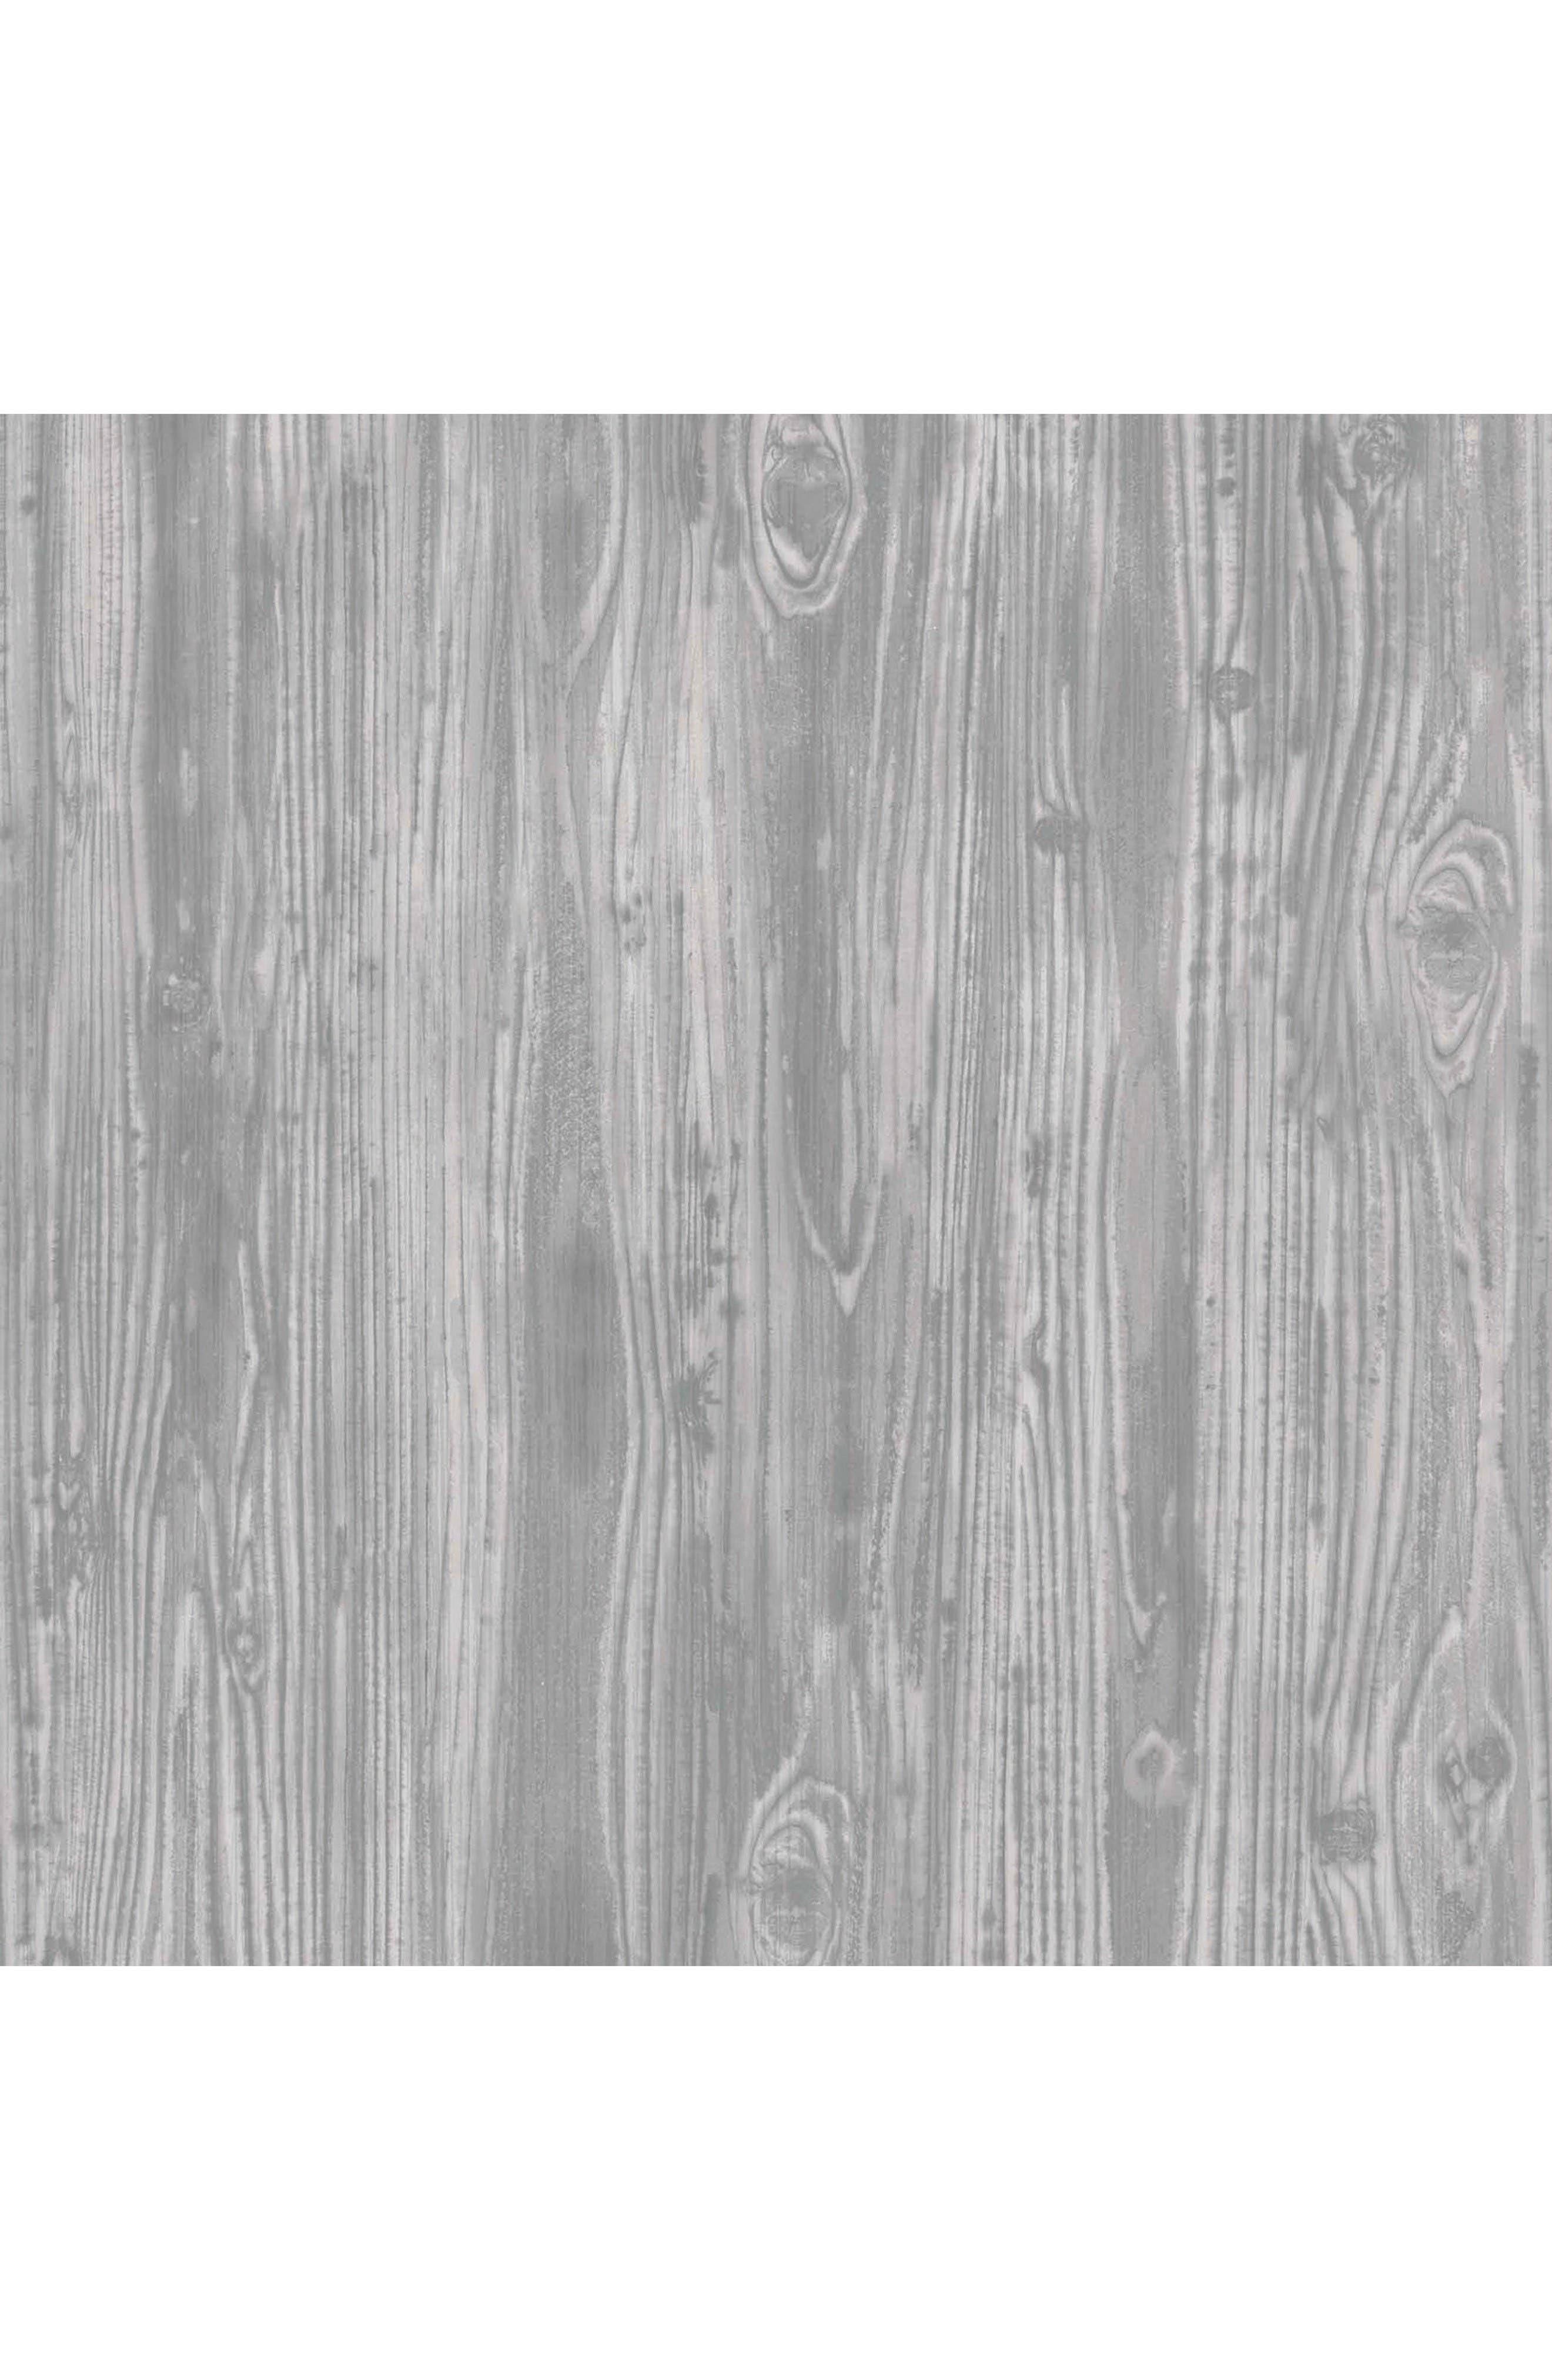 Woodgrain Self-Adhesive Vinyl Wallpaper,                             Main thumbnail 1, color,                             Pewter